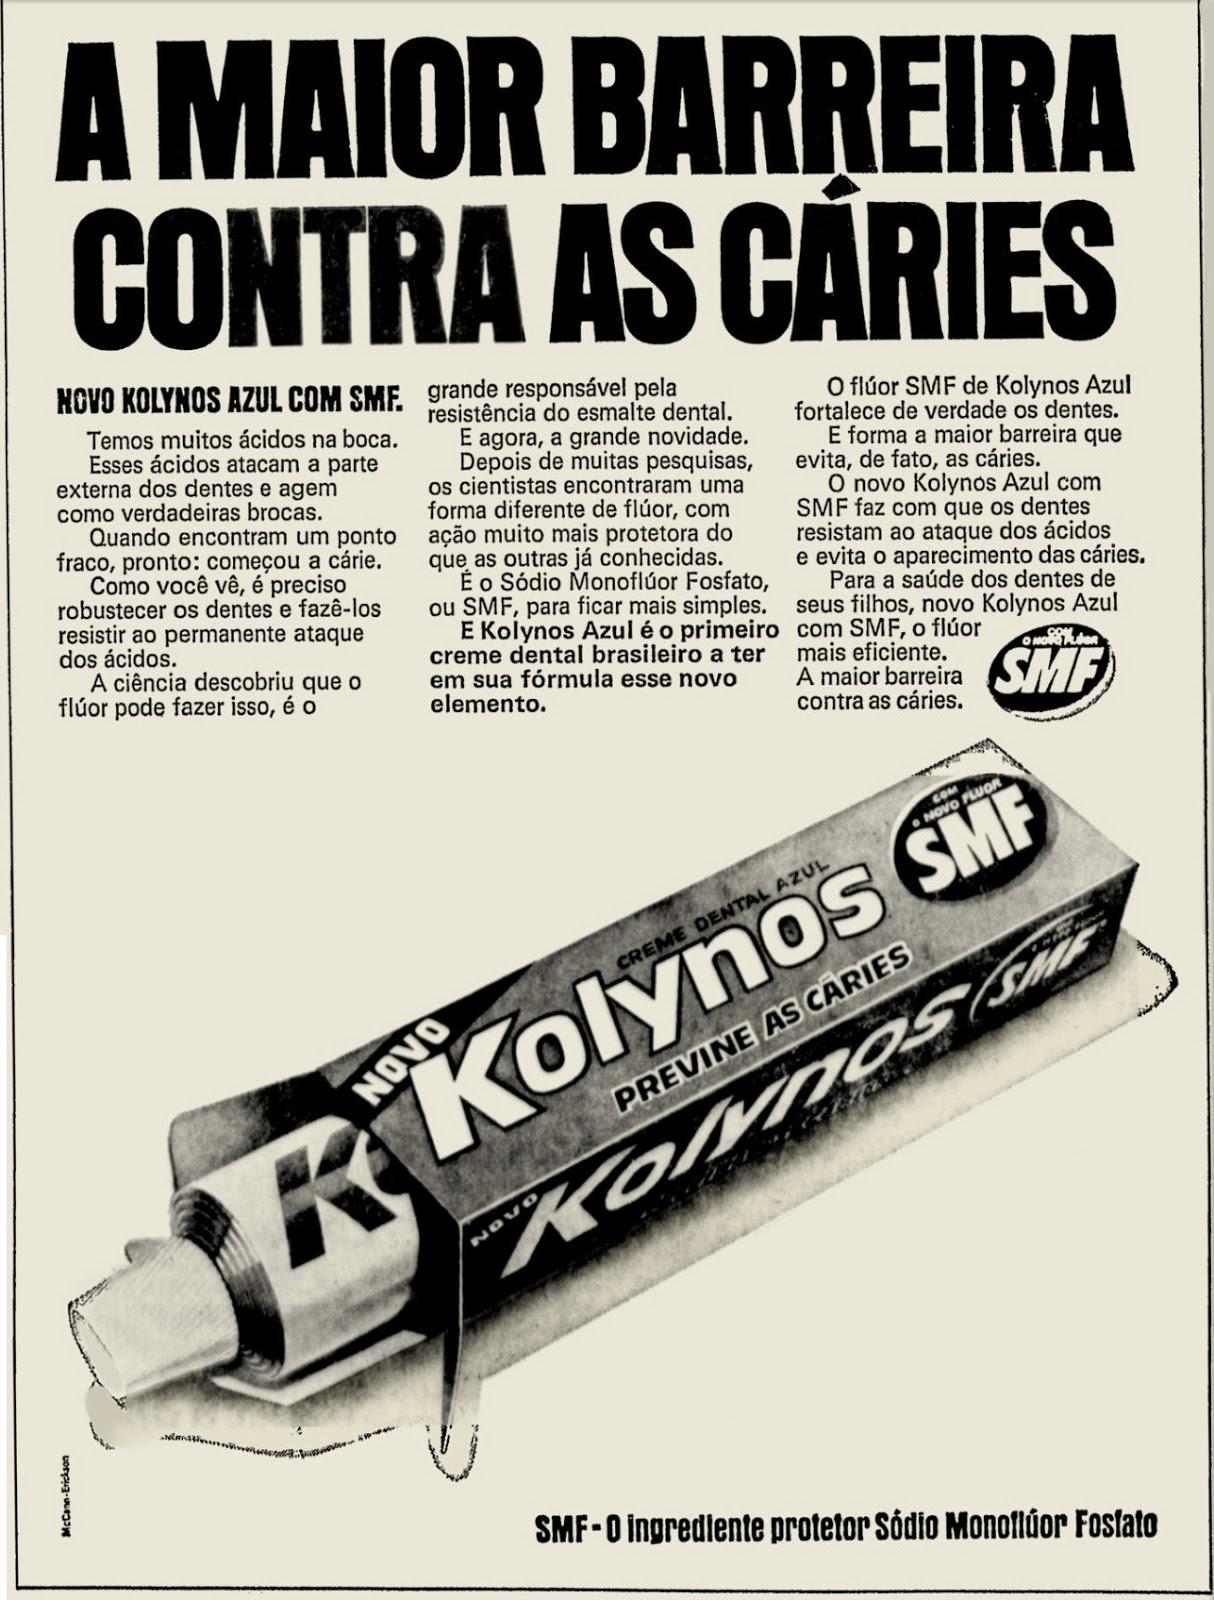 Campanha da Kolynos para promover sua nova linha de creme dental com proteção reforçada contra as cáries